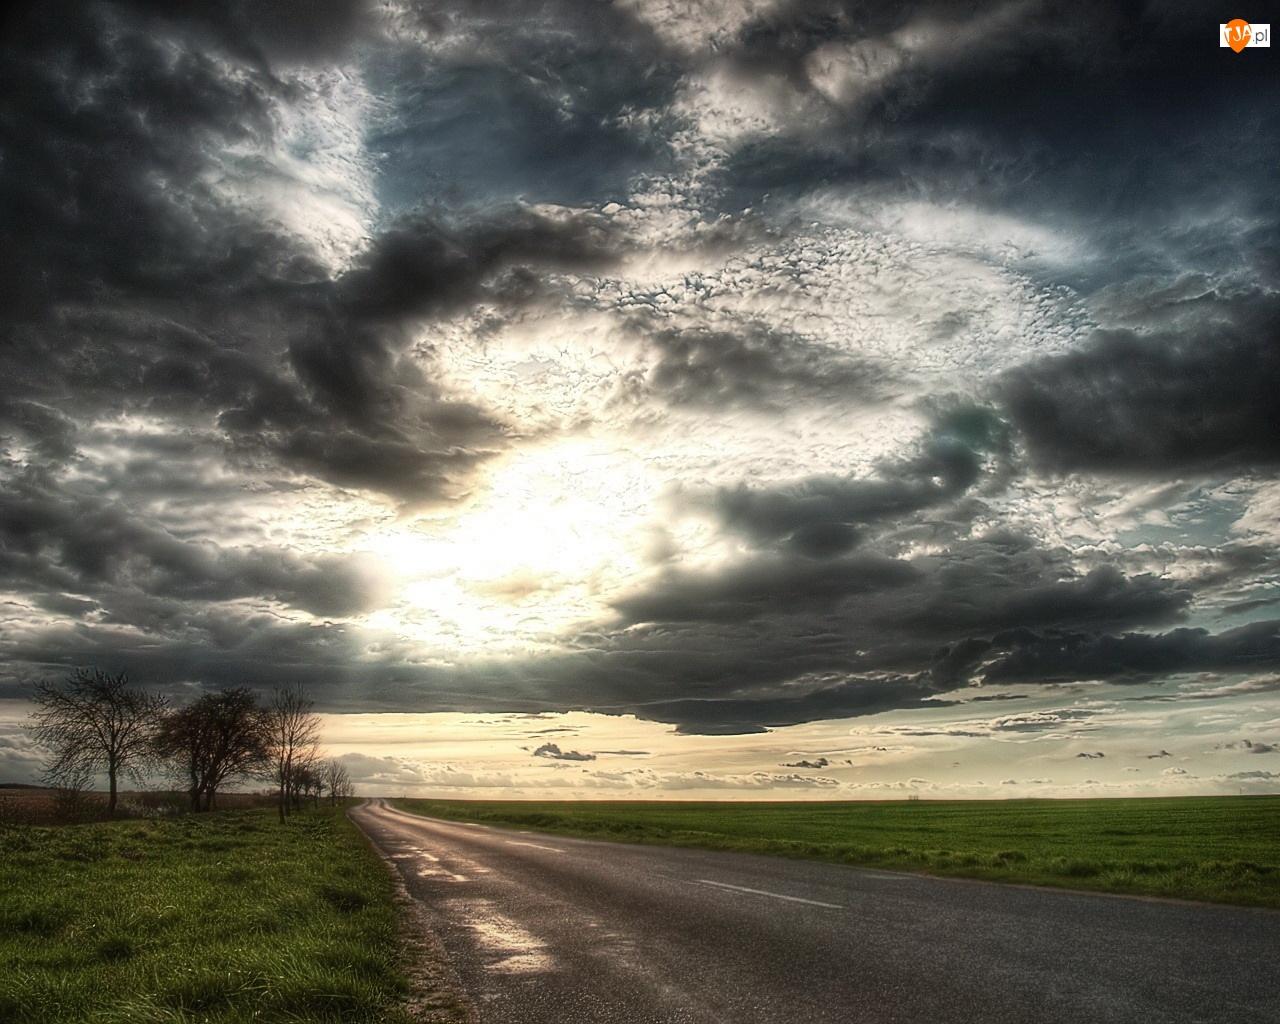 Światło, Droga, Burzowe, Chmury